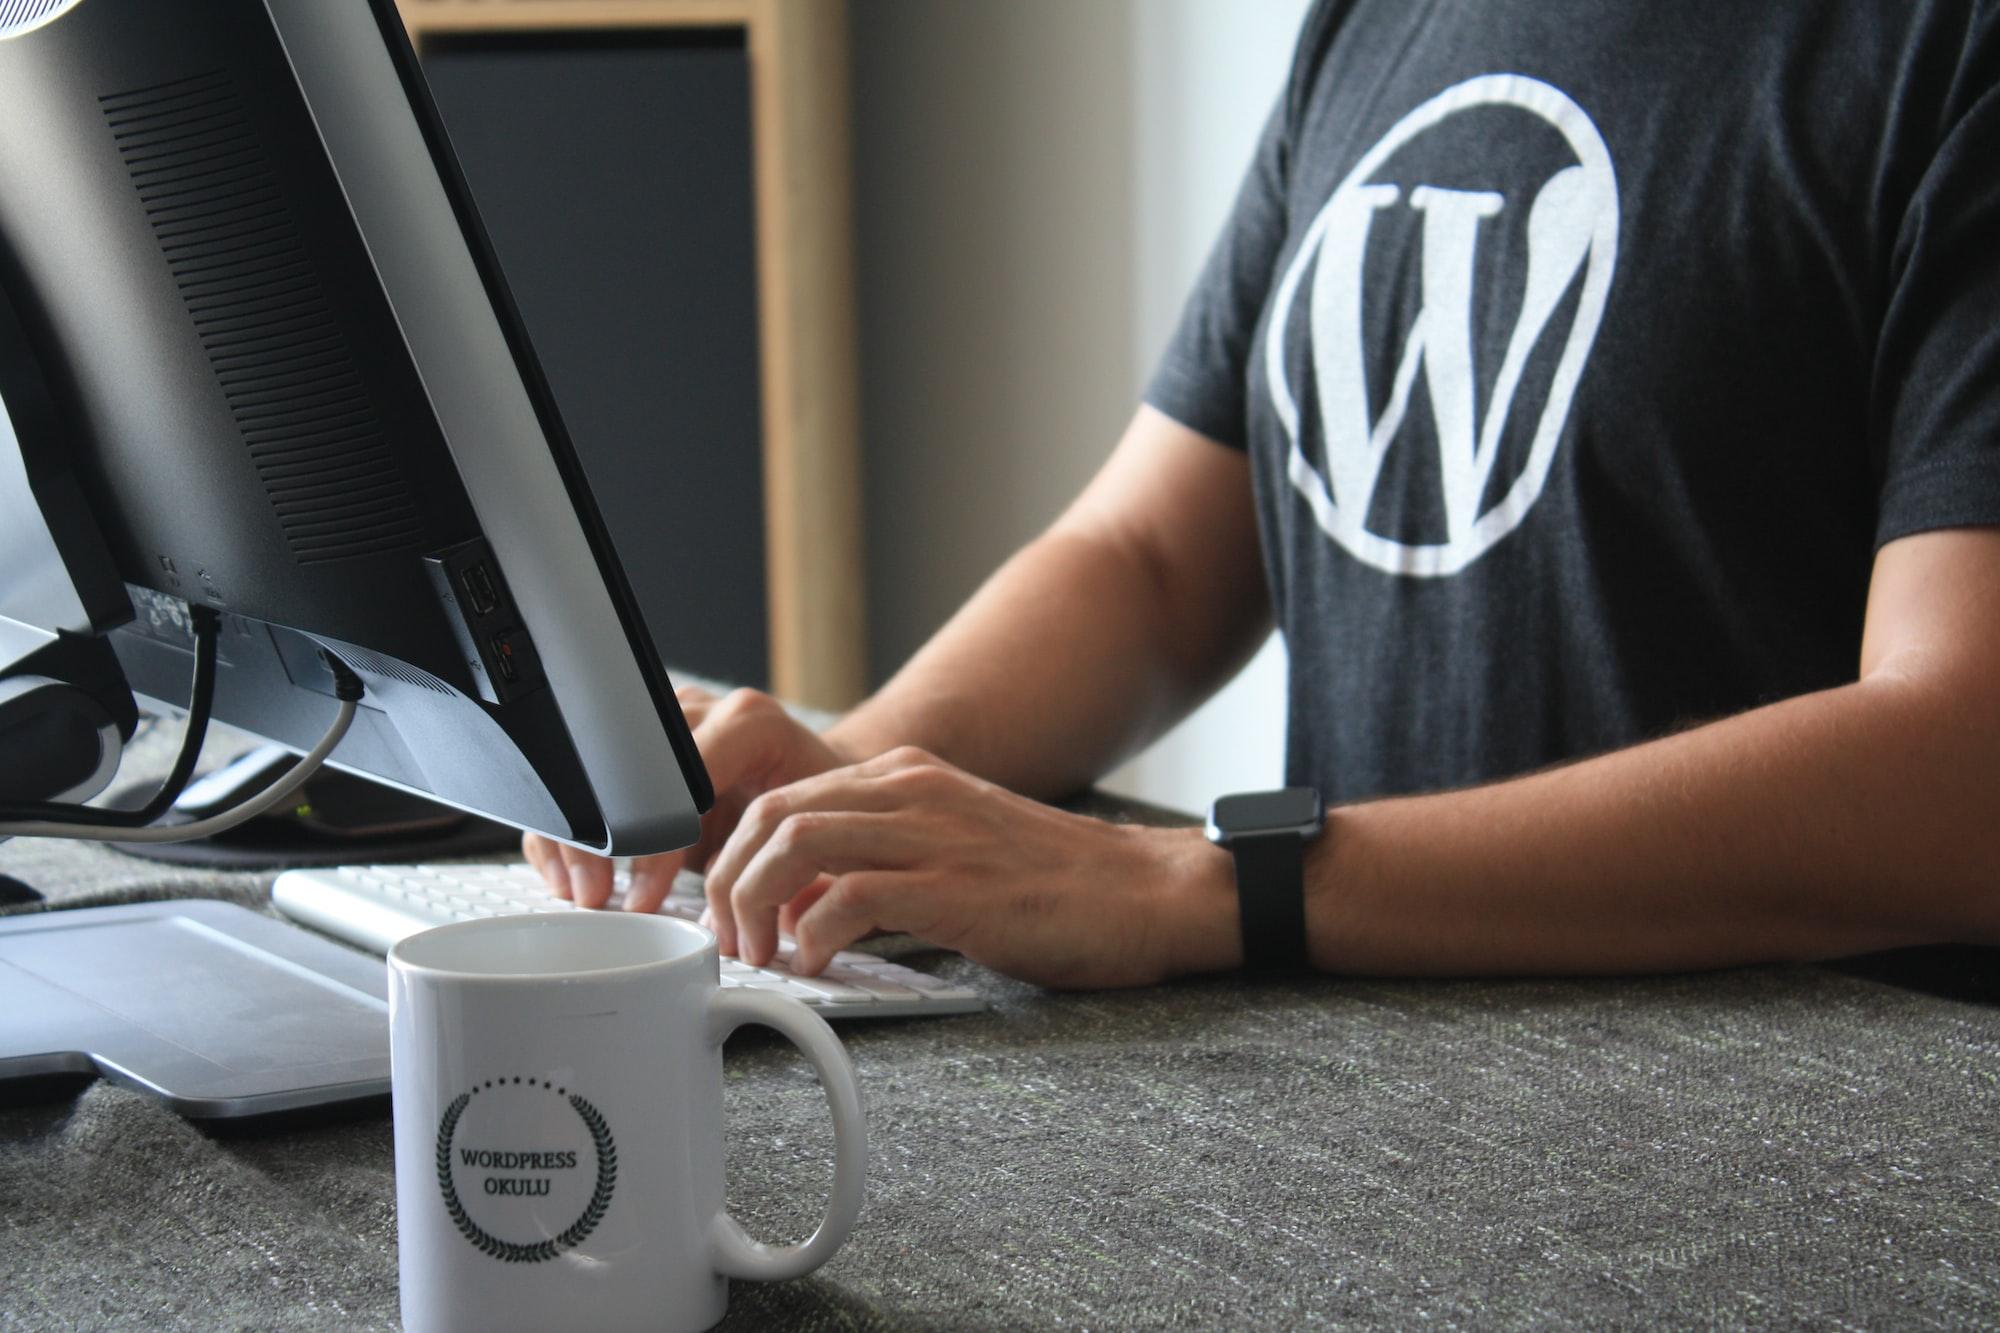 ¿Es recomendable usar Wordpress para crear una tienda en línea?